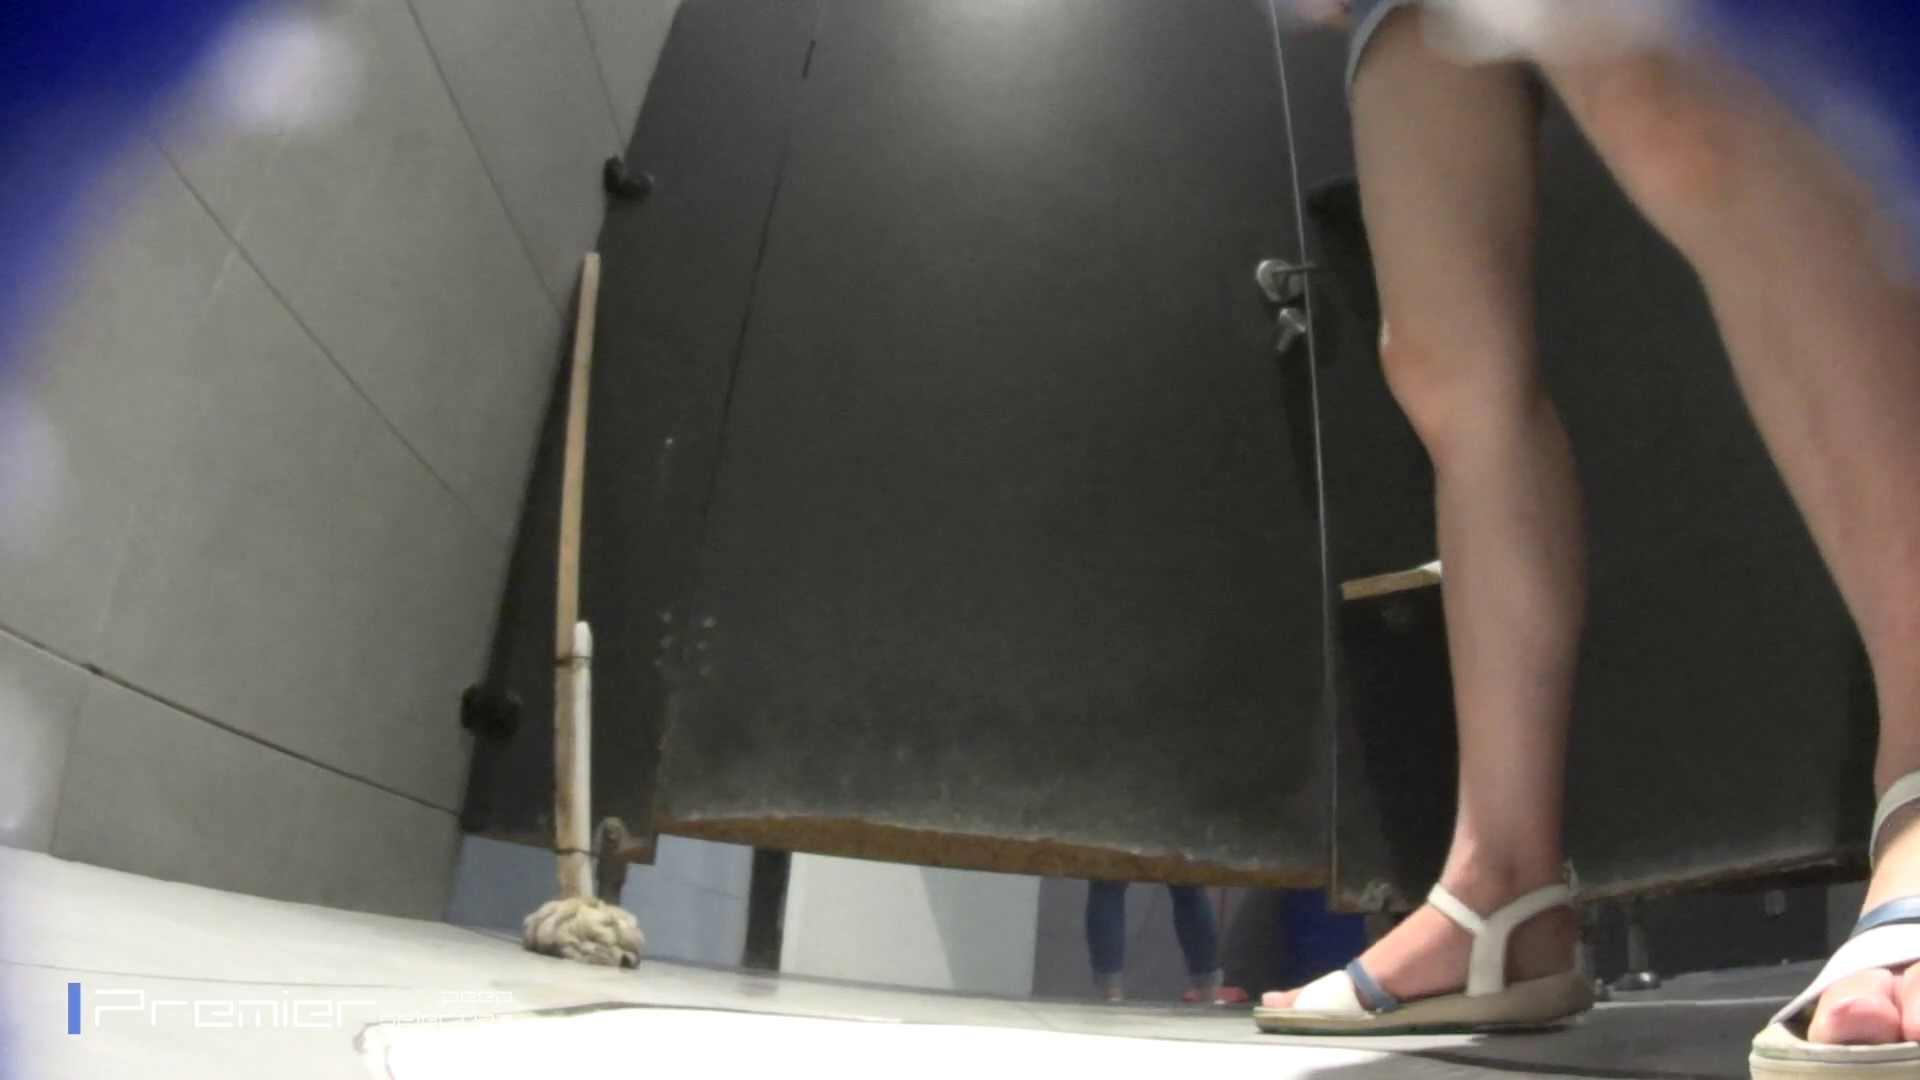 個室のドアを開けたまま放nyoする乙女 大学休憩時間の洗面所事情85 乙女  70PIX 19